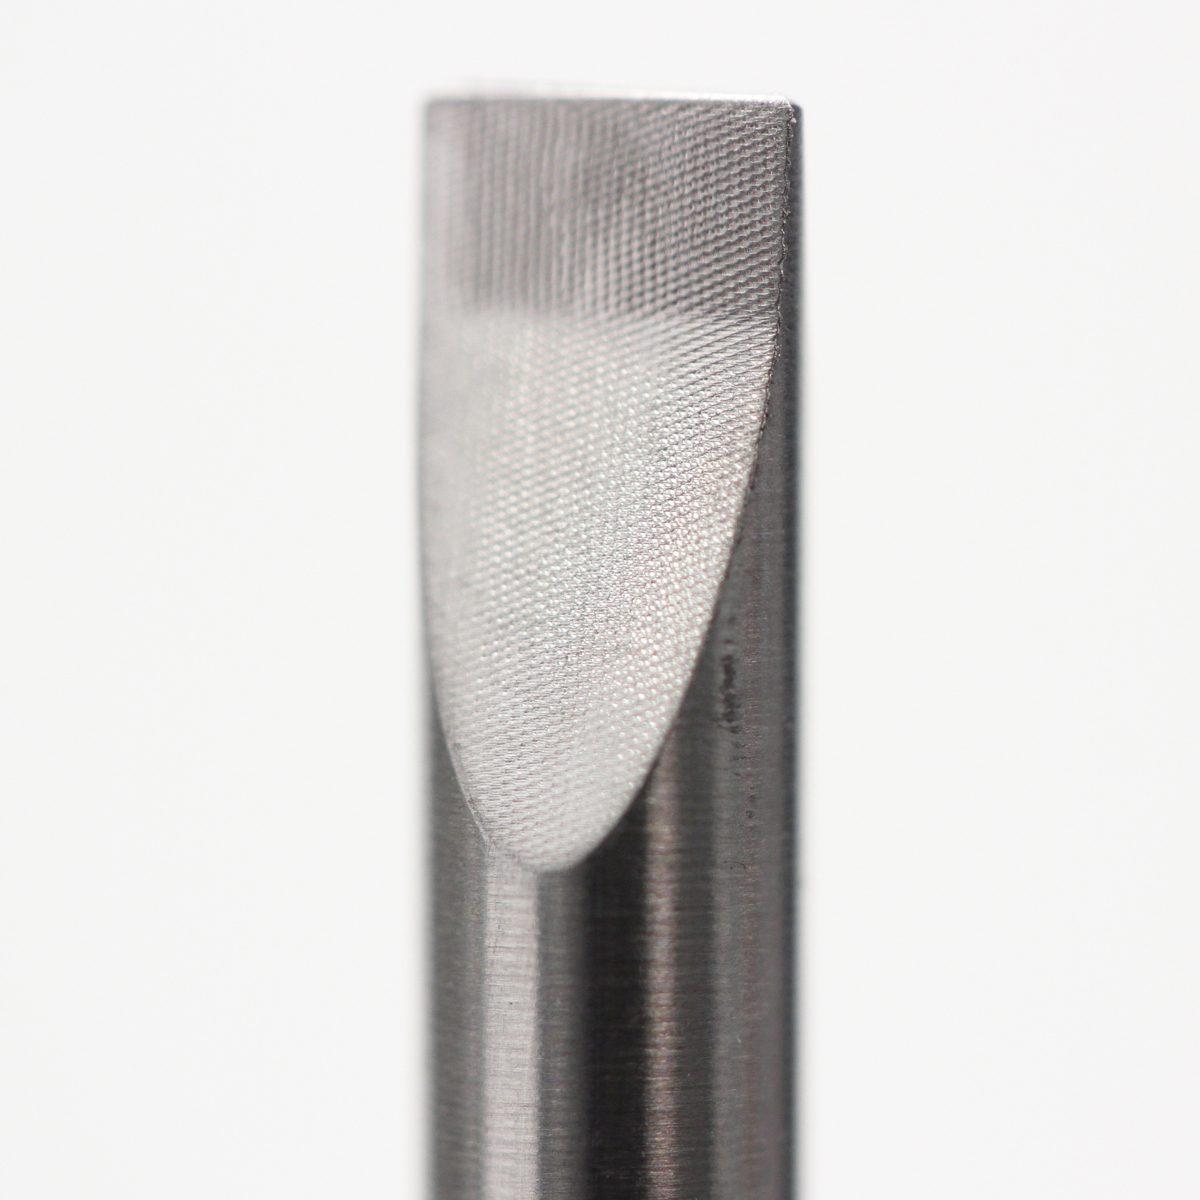 jls versa grip gold screwdriver blade 156 x 7 7